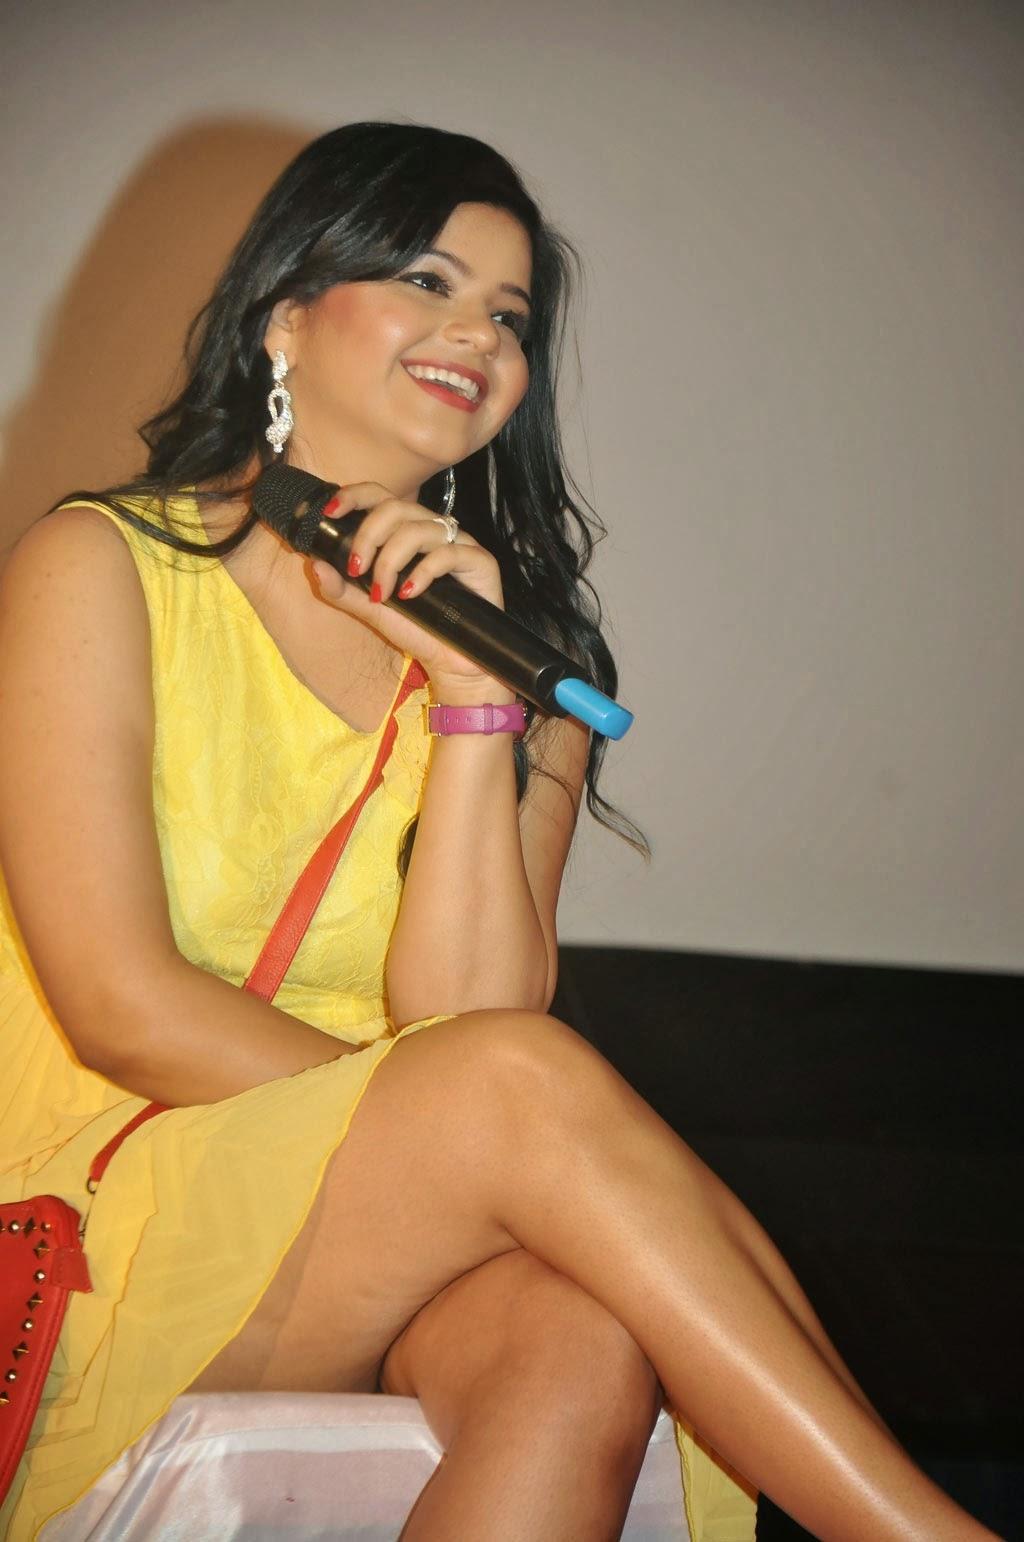 Indian saree upskirt no panty - 1 8